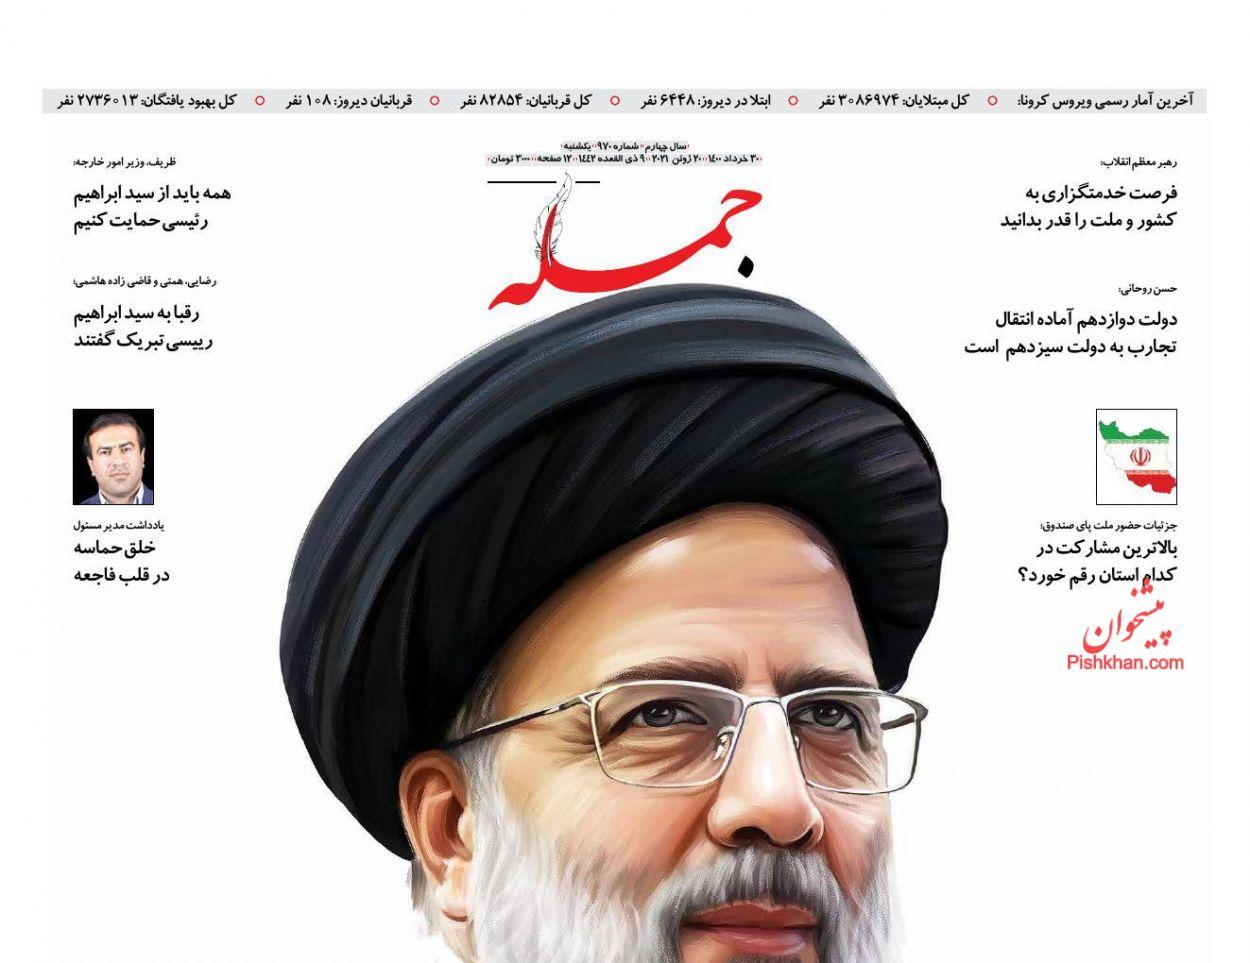 عناوین اخبار روزنامه جمله در روز یکشنبه ۳۰ خرداد